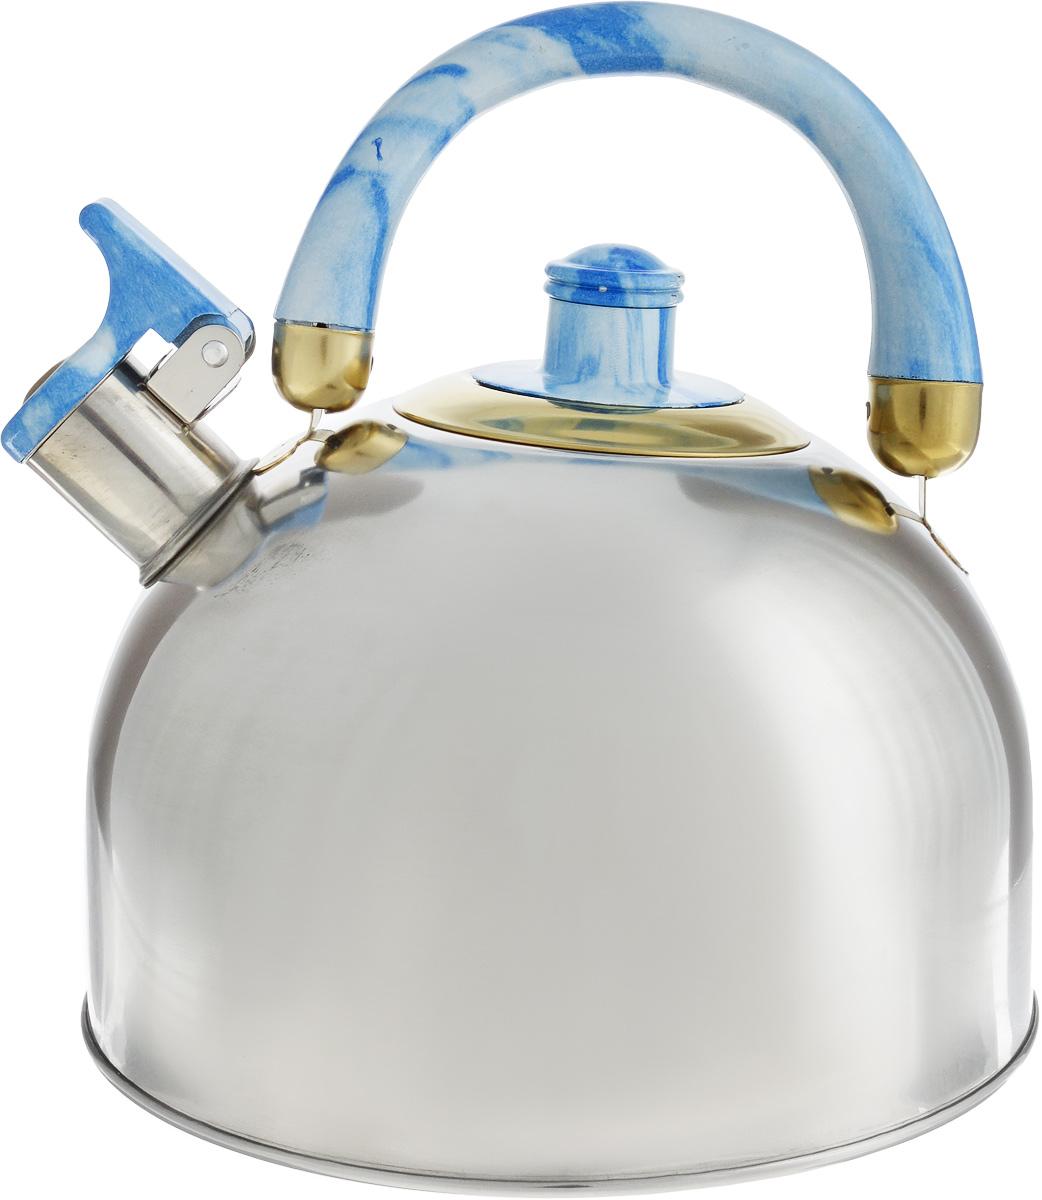 Чайник Bohmann, со свистком, 3,5 л68/5/4Чайник Bohmann изготовлен из нержавеющей стали с зеркальной полировкой. Высококачественная сталь представляет собой материал, из которого в течение нескольких десятилетий во всем мире производятся столовые приборы, кухонные инструменты и различные аксессуары. Этот материал обладает высокой стойкостью к коррозии и кислотам. Прочность, долговечность и надежность этого материала, а также первоклассная обработка обеспечивают практически неограниченный запас прочности и неизменно привлекательный внешний вид. Чайник оснащен удобной ручкой из бакелита. Ручка не нагревается, что предотвращает появление ожогов и обеспечивает безопасность использования. Носик чайника имеет откидной свисток для определения кипения. Можно использовать на всех типах плит, кроме индукционных. Можно мыть в посудомоечной машине. Диаметр (по верхнему краю): 8,5 см.Высота чайника (без учета ручки): 12,5 см.Высота чайника (с учетом ручки): 21 см.Диаметр основания: 15 см.